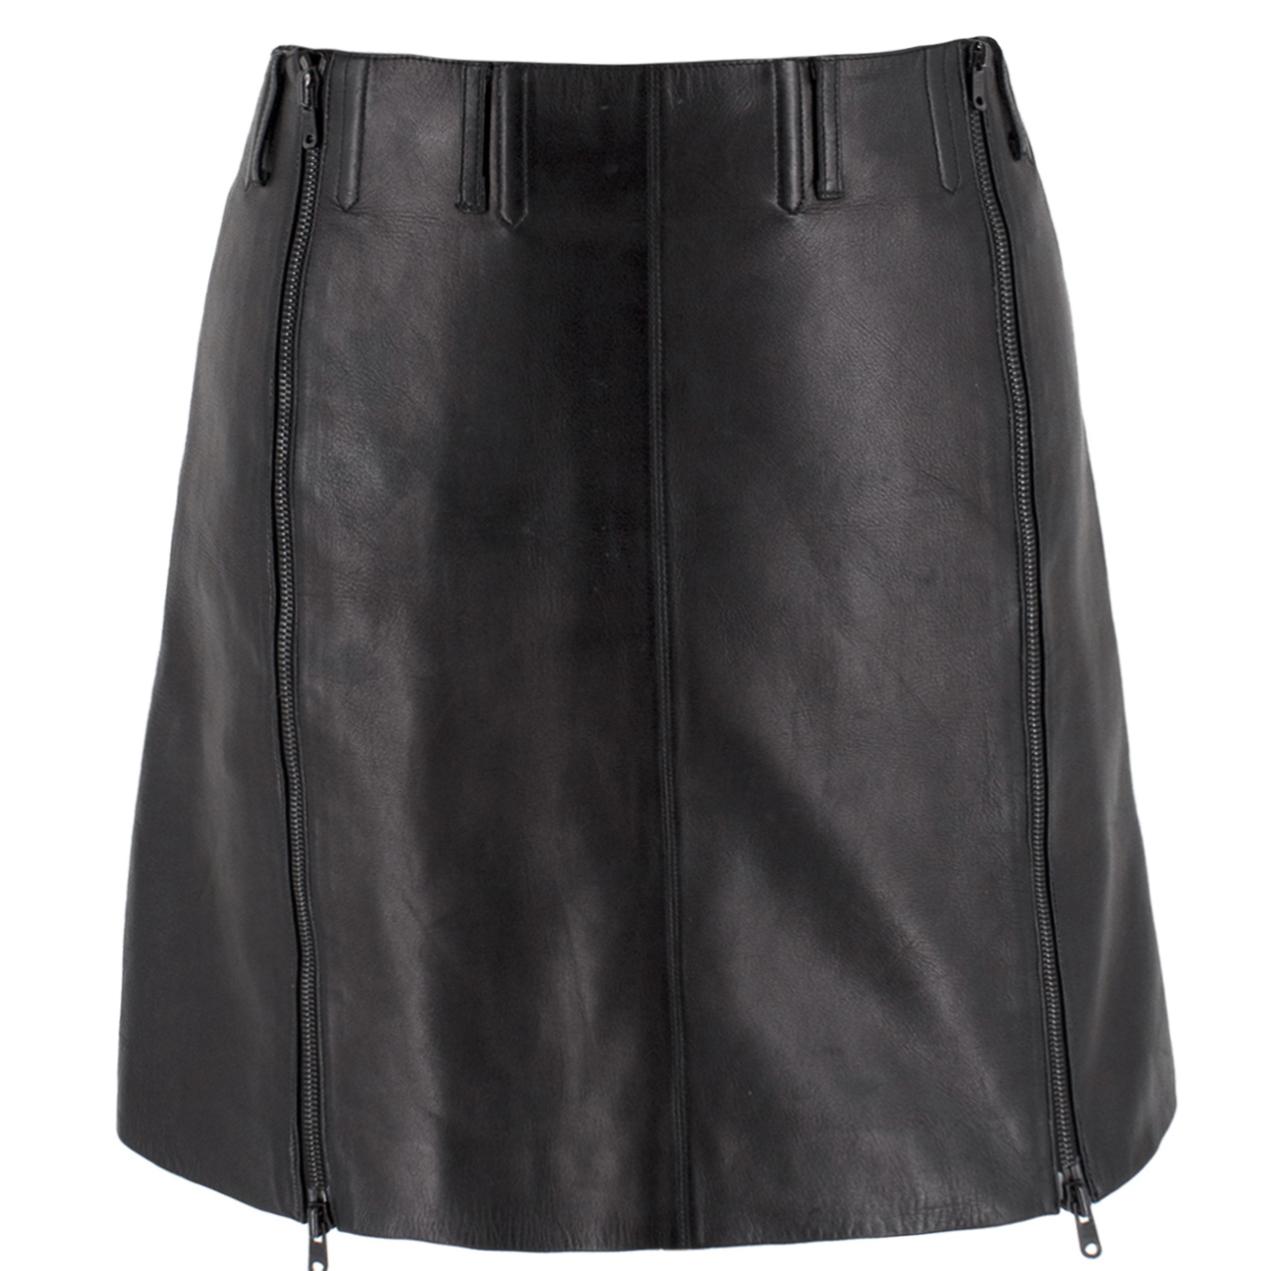 Alaia Black Leather Zipped A-Line Miniskirt